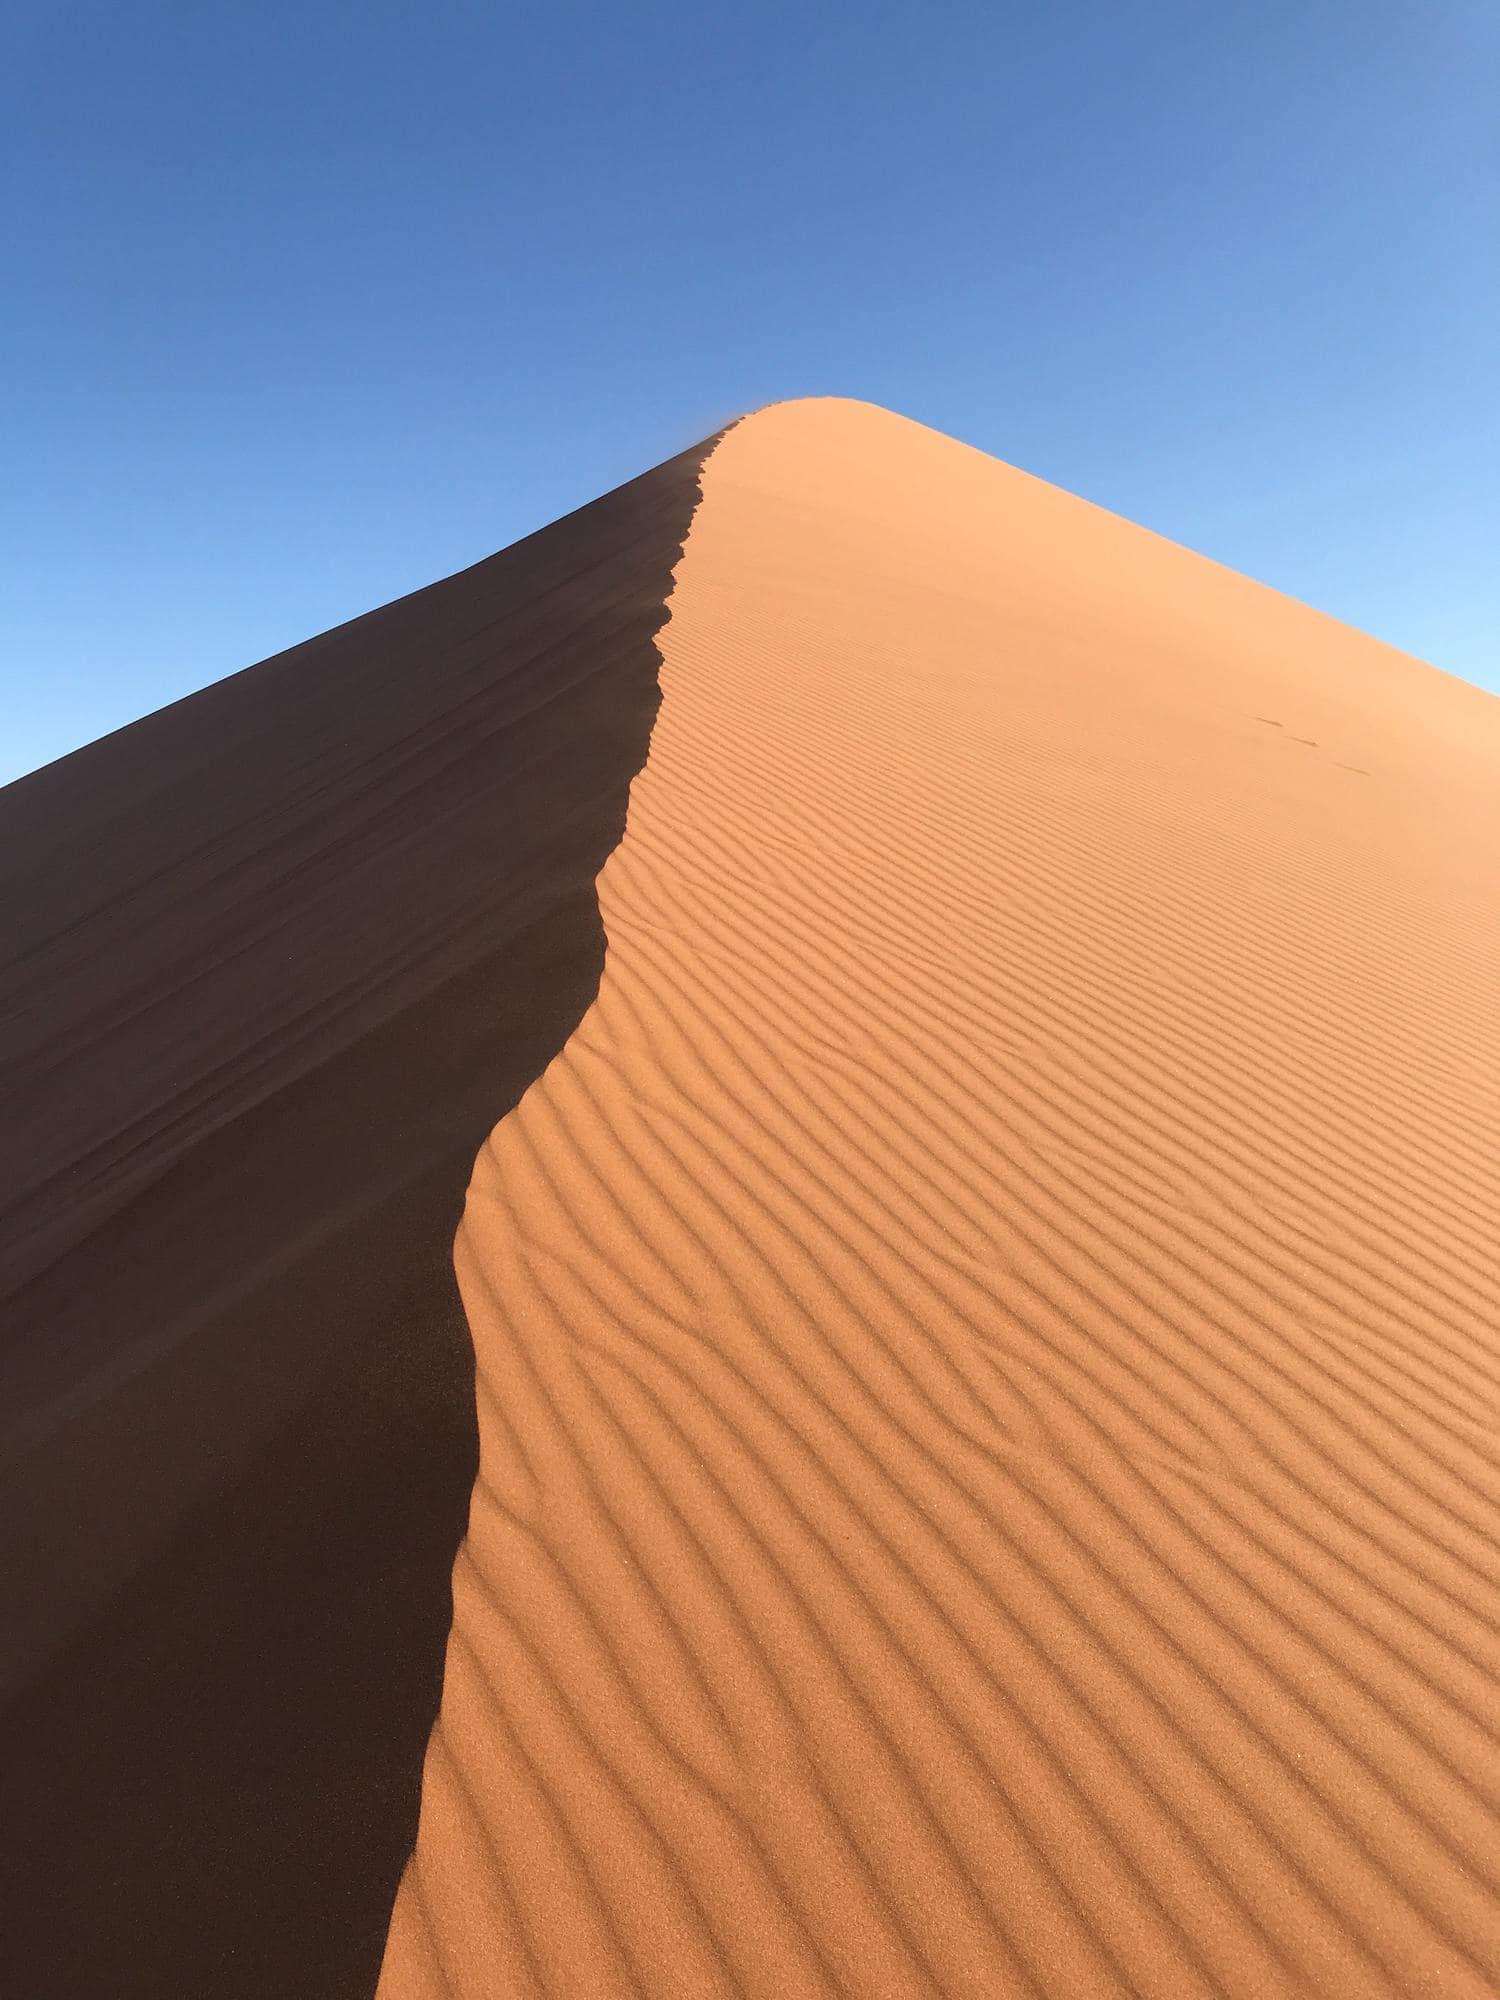 duna de arena con textura